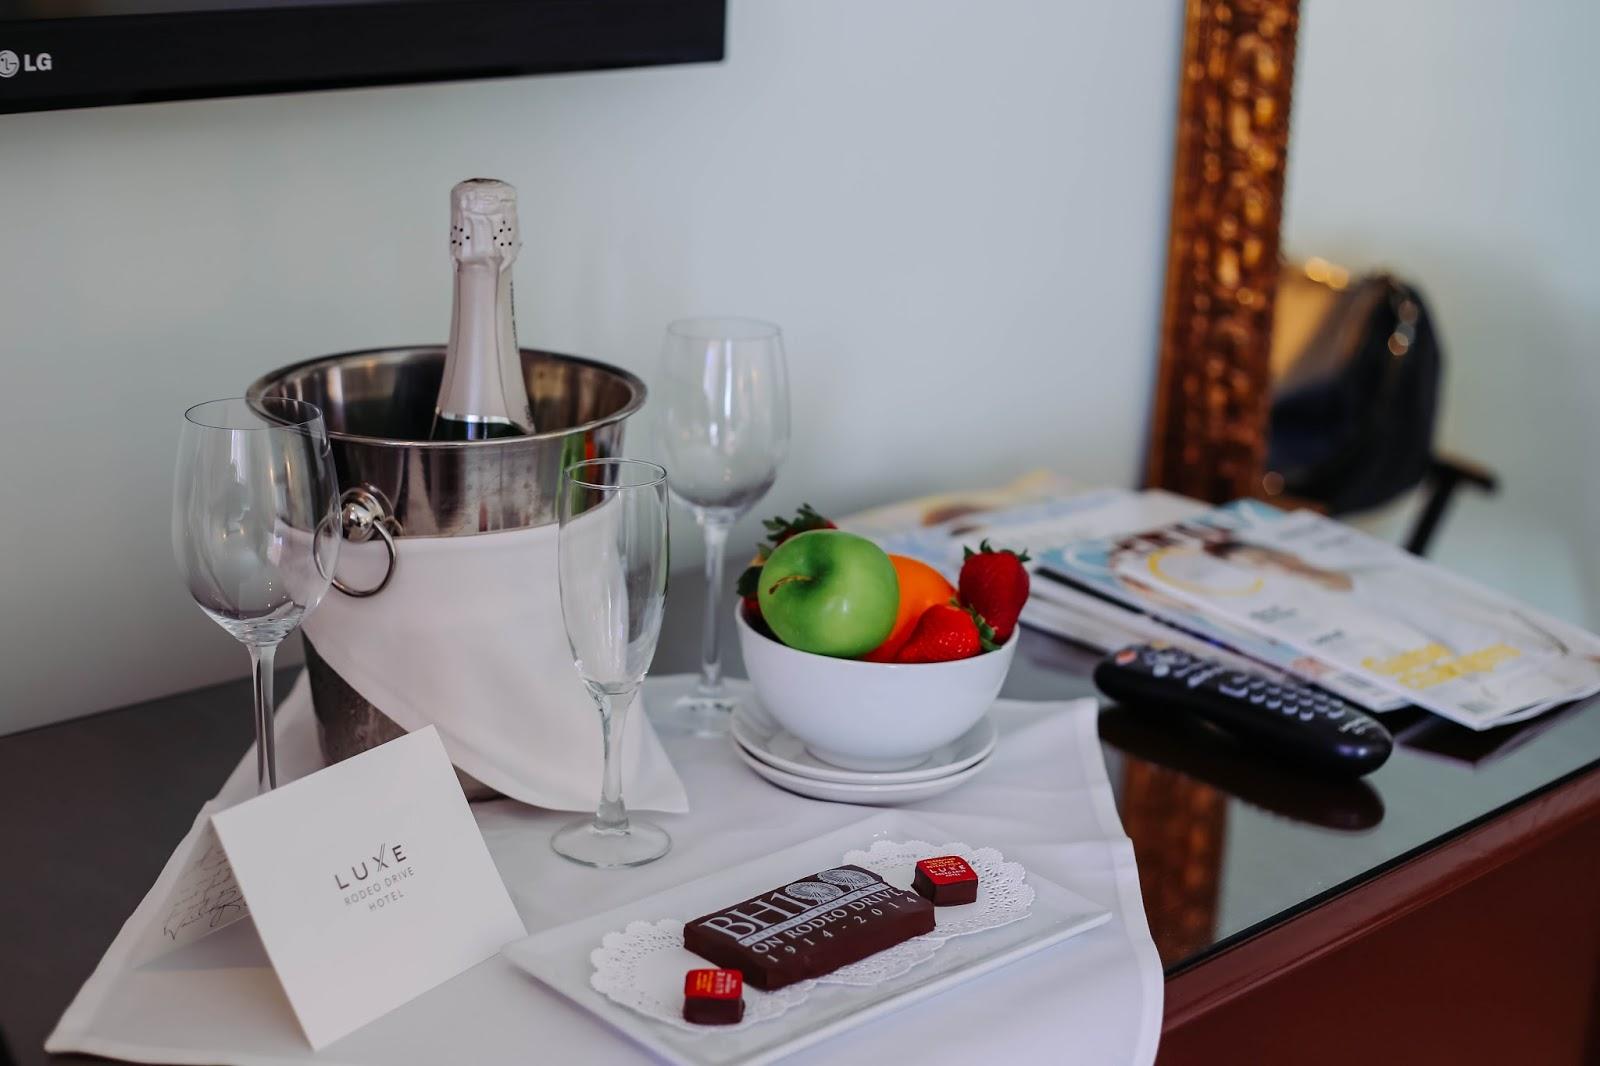 mybelonging-luxehotels-rodeodrive-dayinthelife-2.jpg